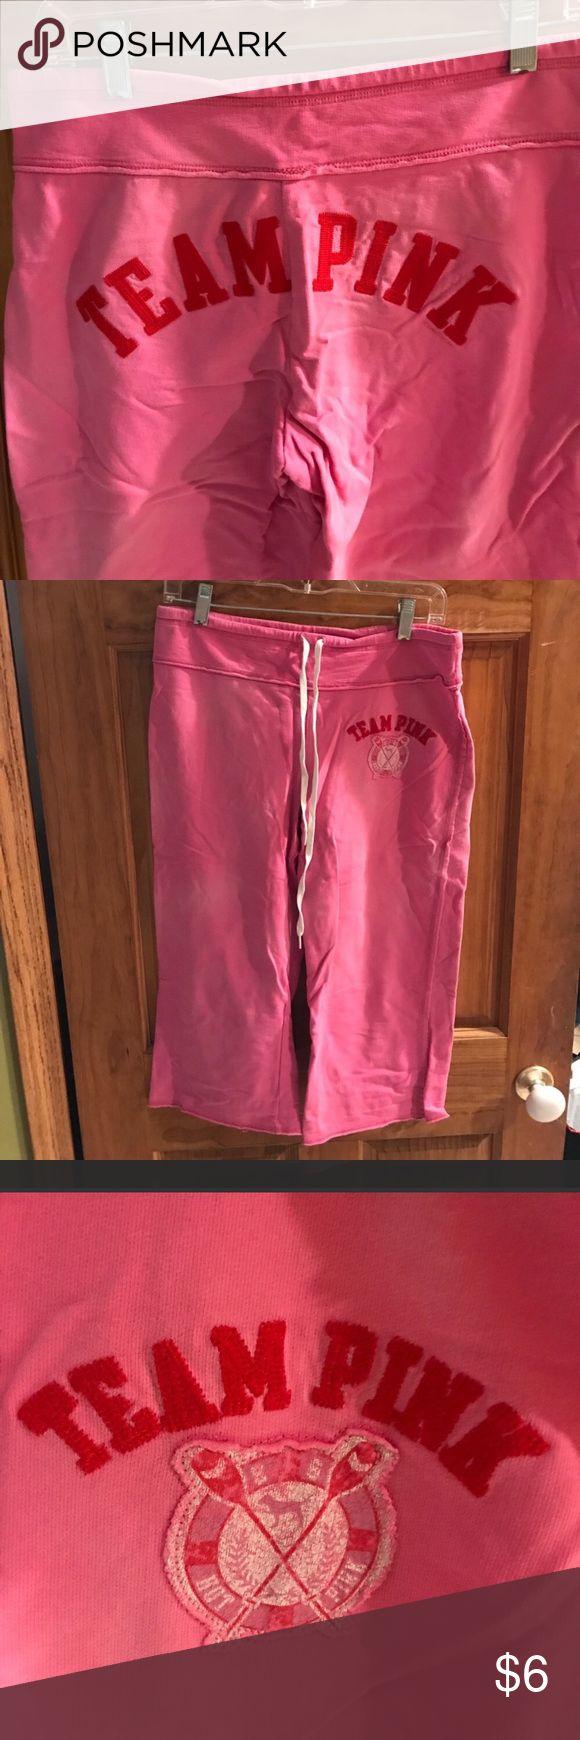 Victoria Secret Capri pants Team pink capris Victoria's Secret Pants Capris